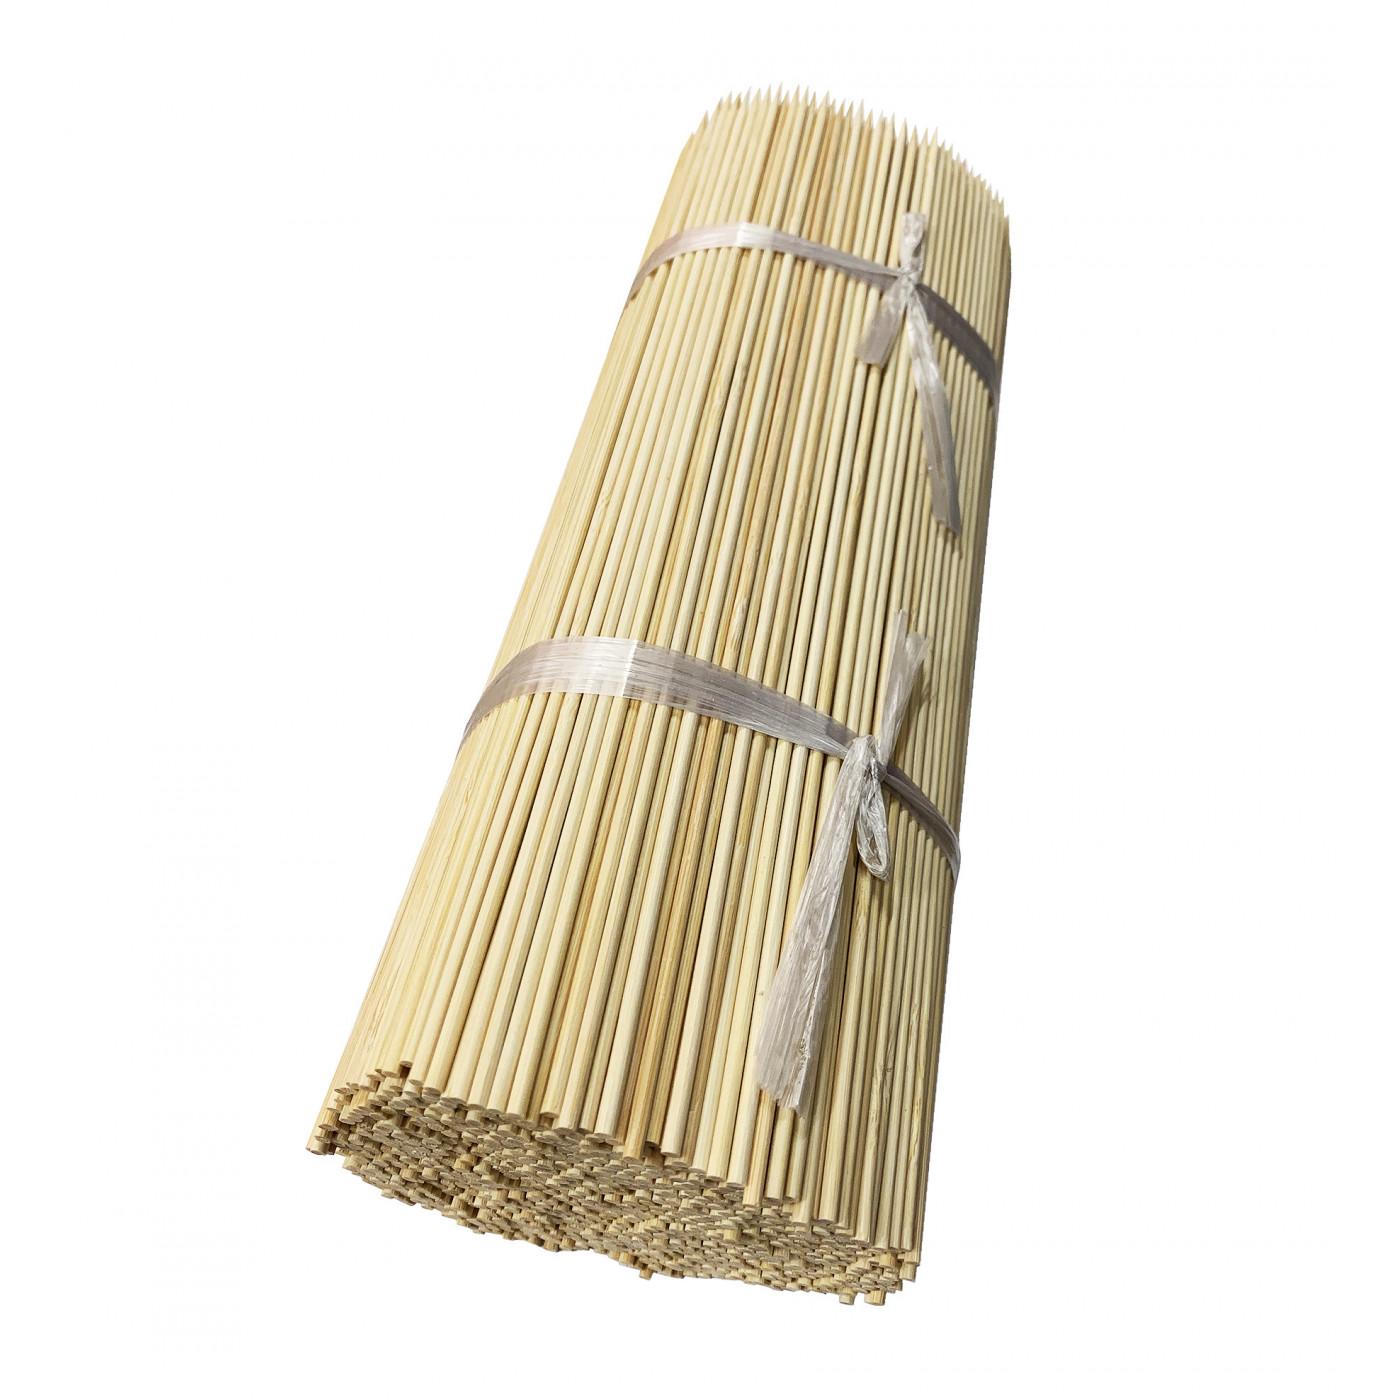 Lot de 500 bâtons de bambou (5 mm x 40 cm)  - 1